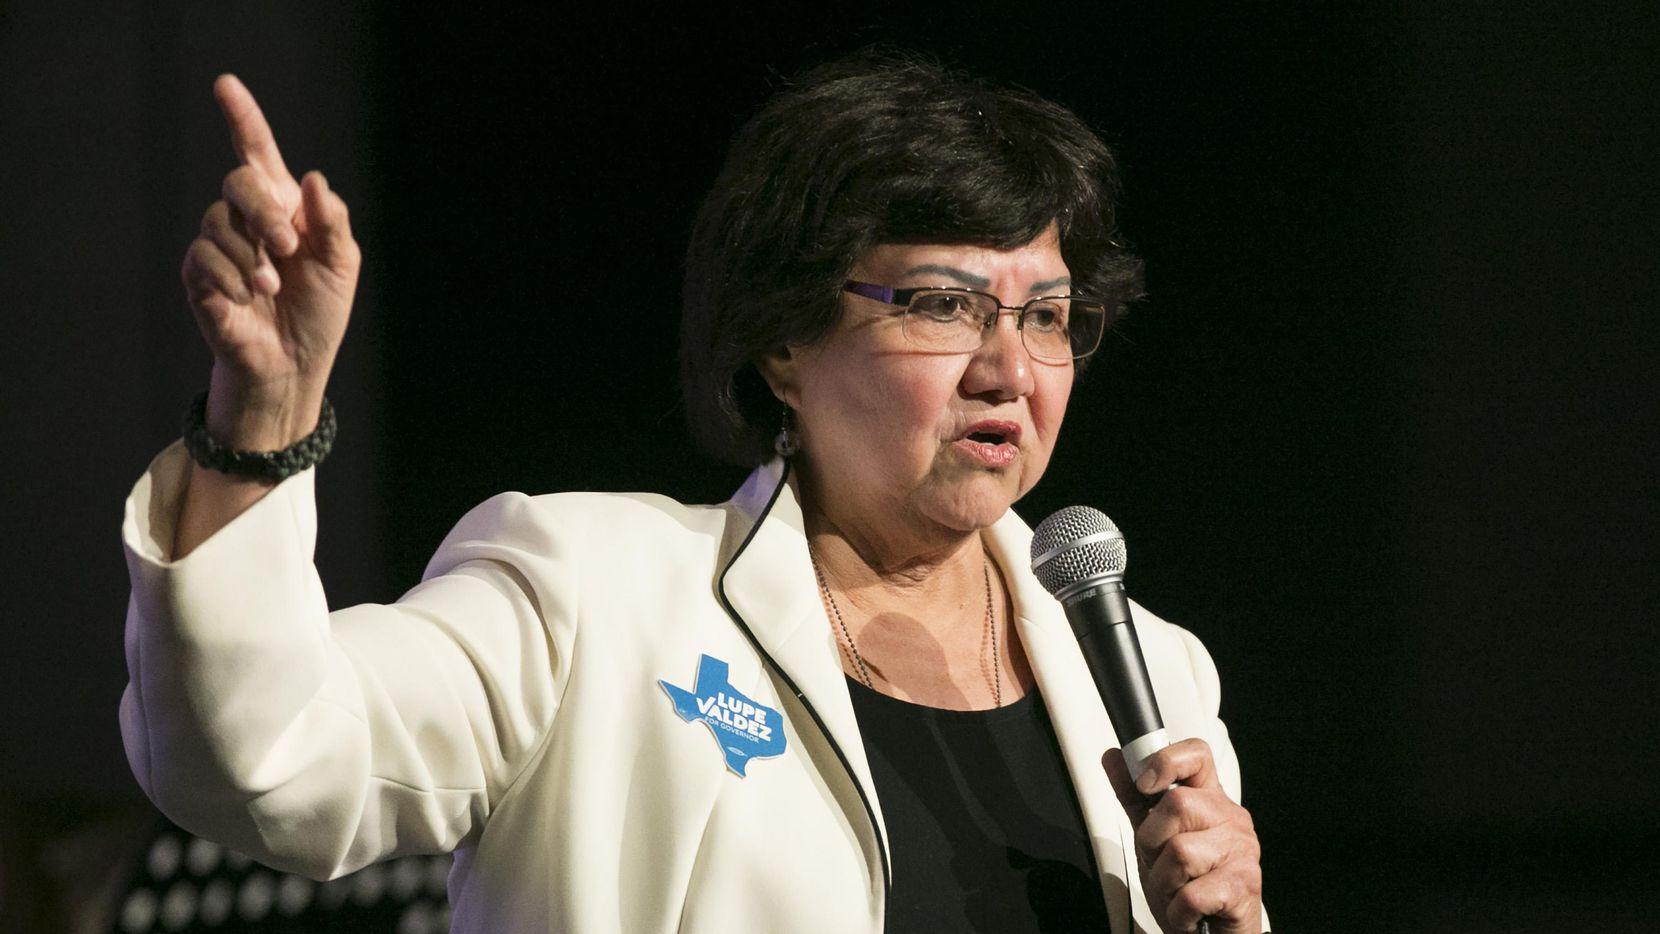 Un arma de Lupe Valdez, candidata a gobernadora de Texas, se extravió luego de que ella dejó de ser Sheriff.